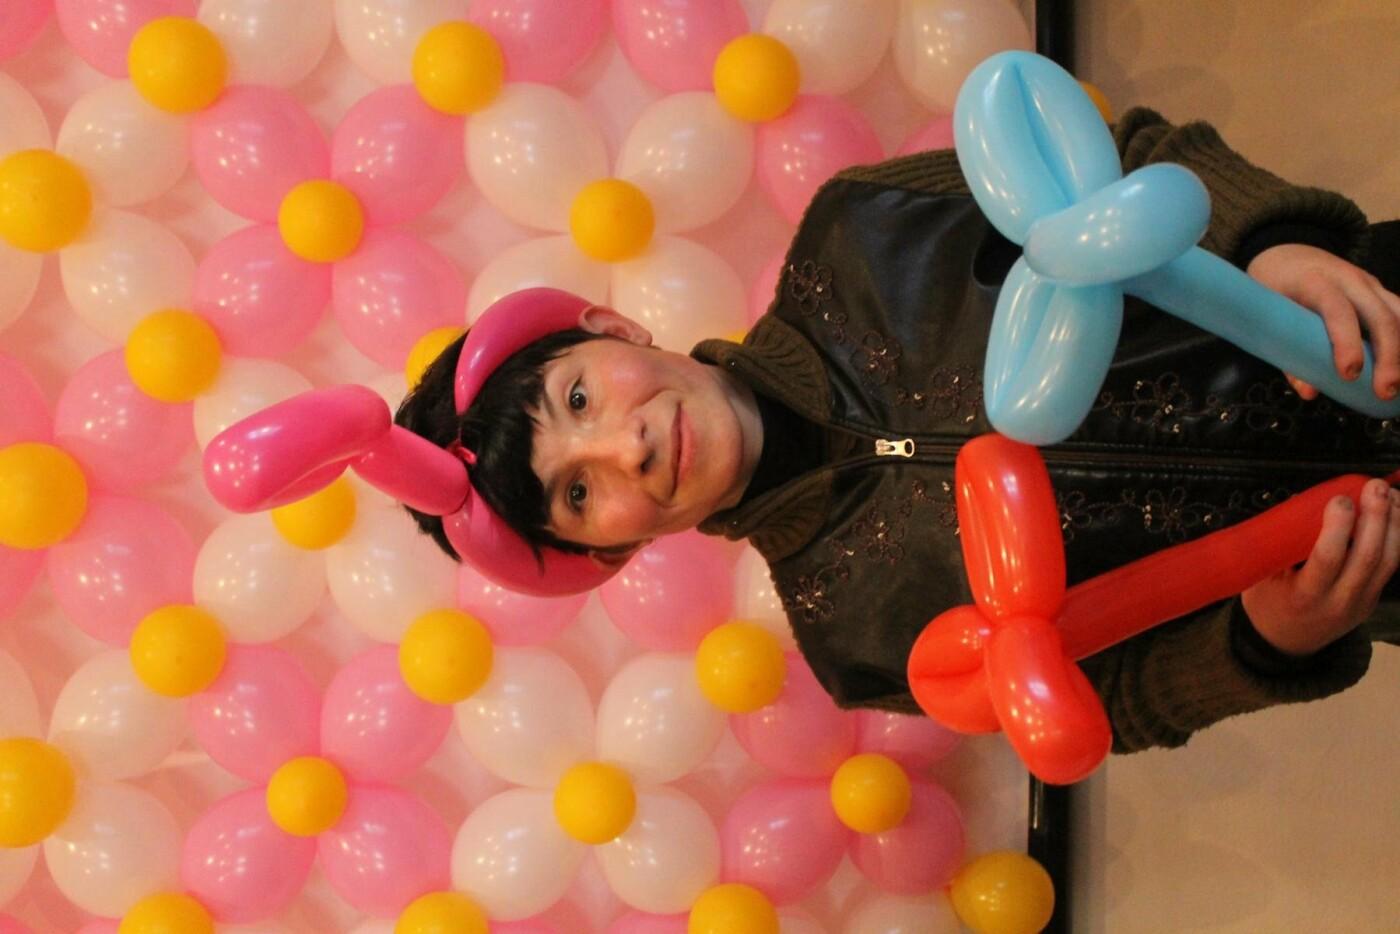 Франківський Карітас організував свято для вихованців Коломийського дитячого будинку-інтернату. ФОТО, фото-2